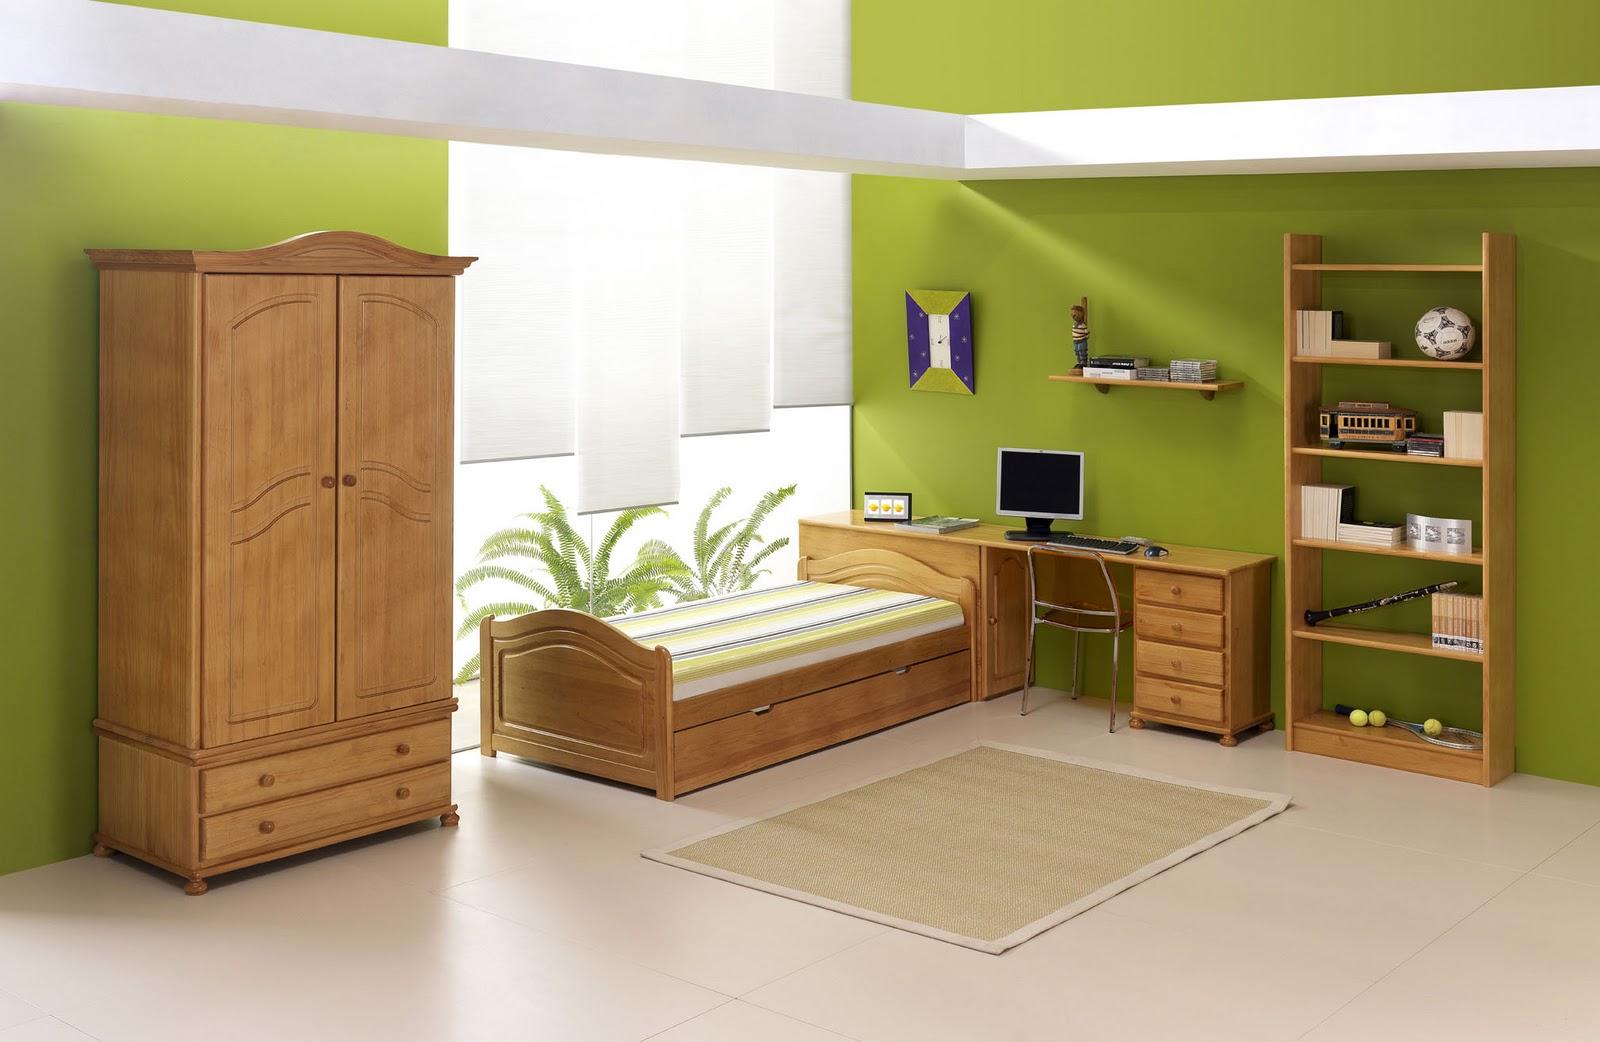 Muebles toscapino juveniles - Dormitorios juveniles pequenos ...